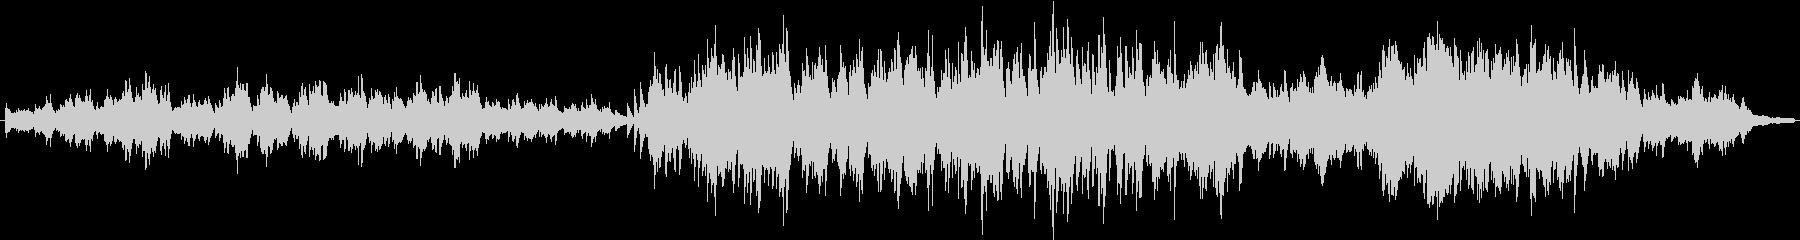 メランコリックなボサノヴァ調のピアノ曲の未再生の波形